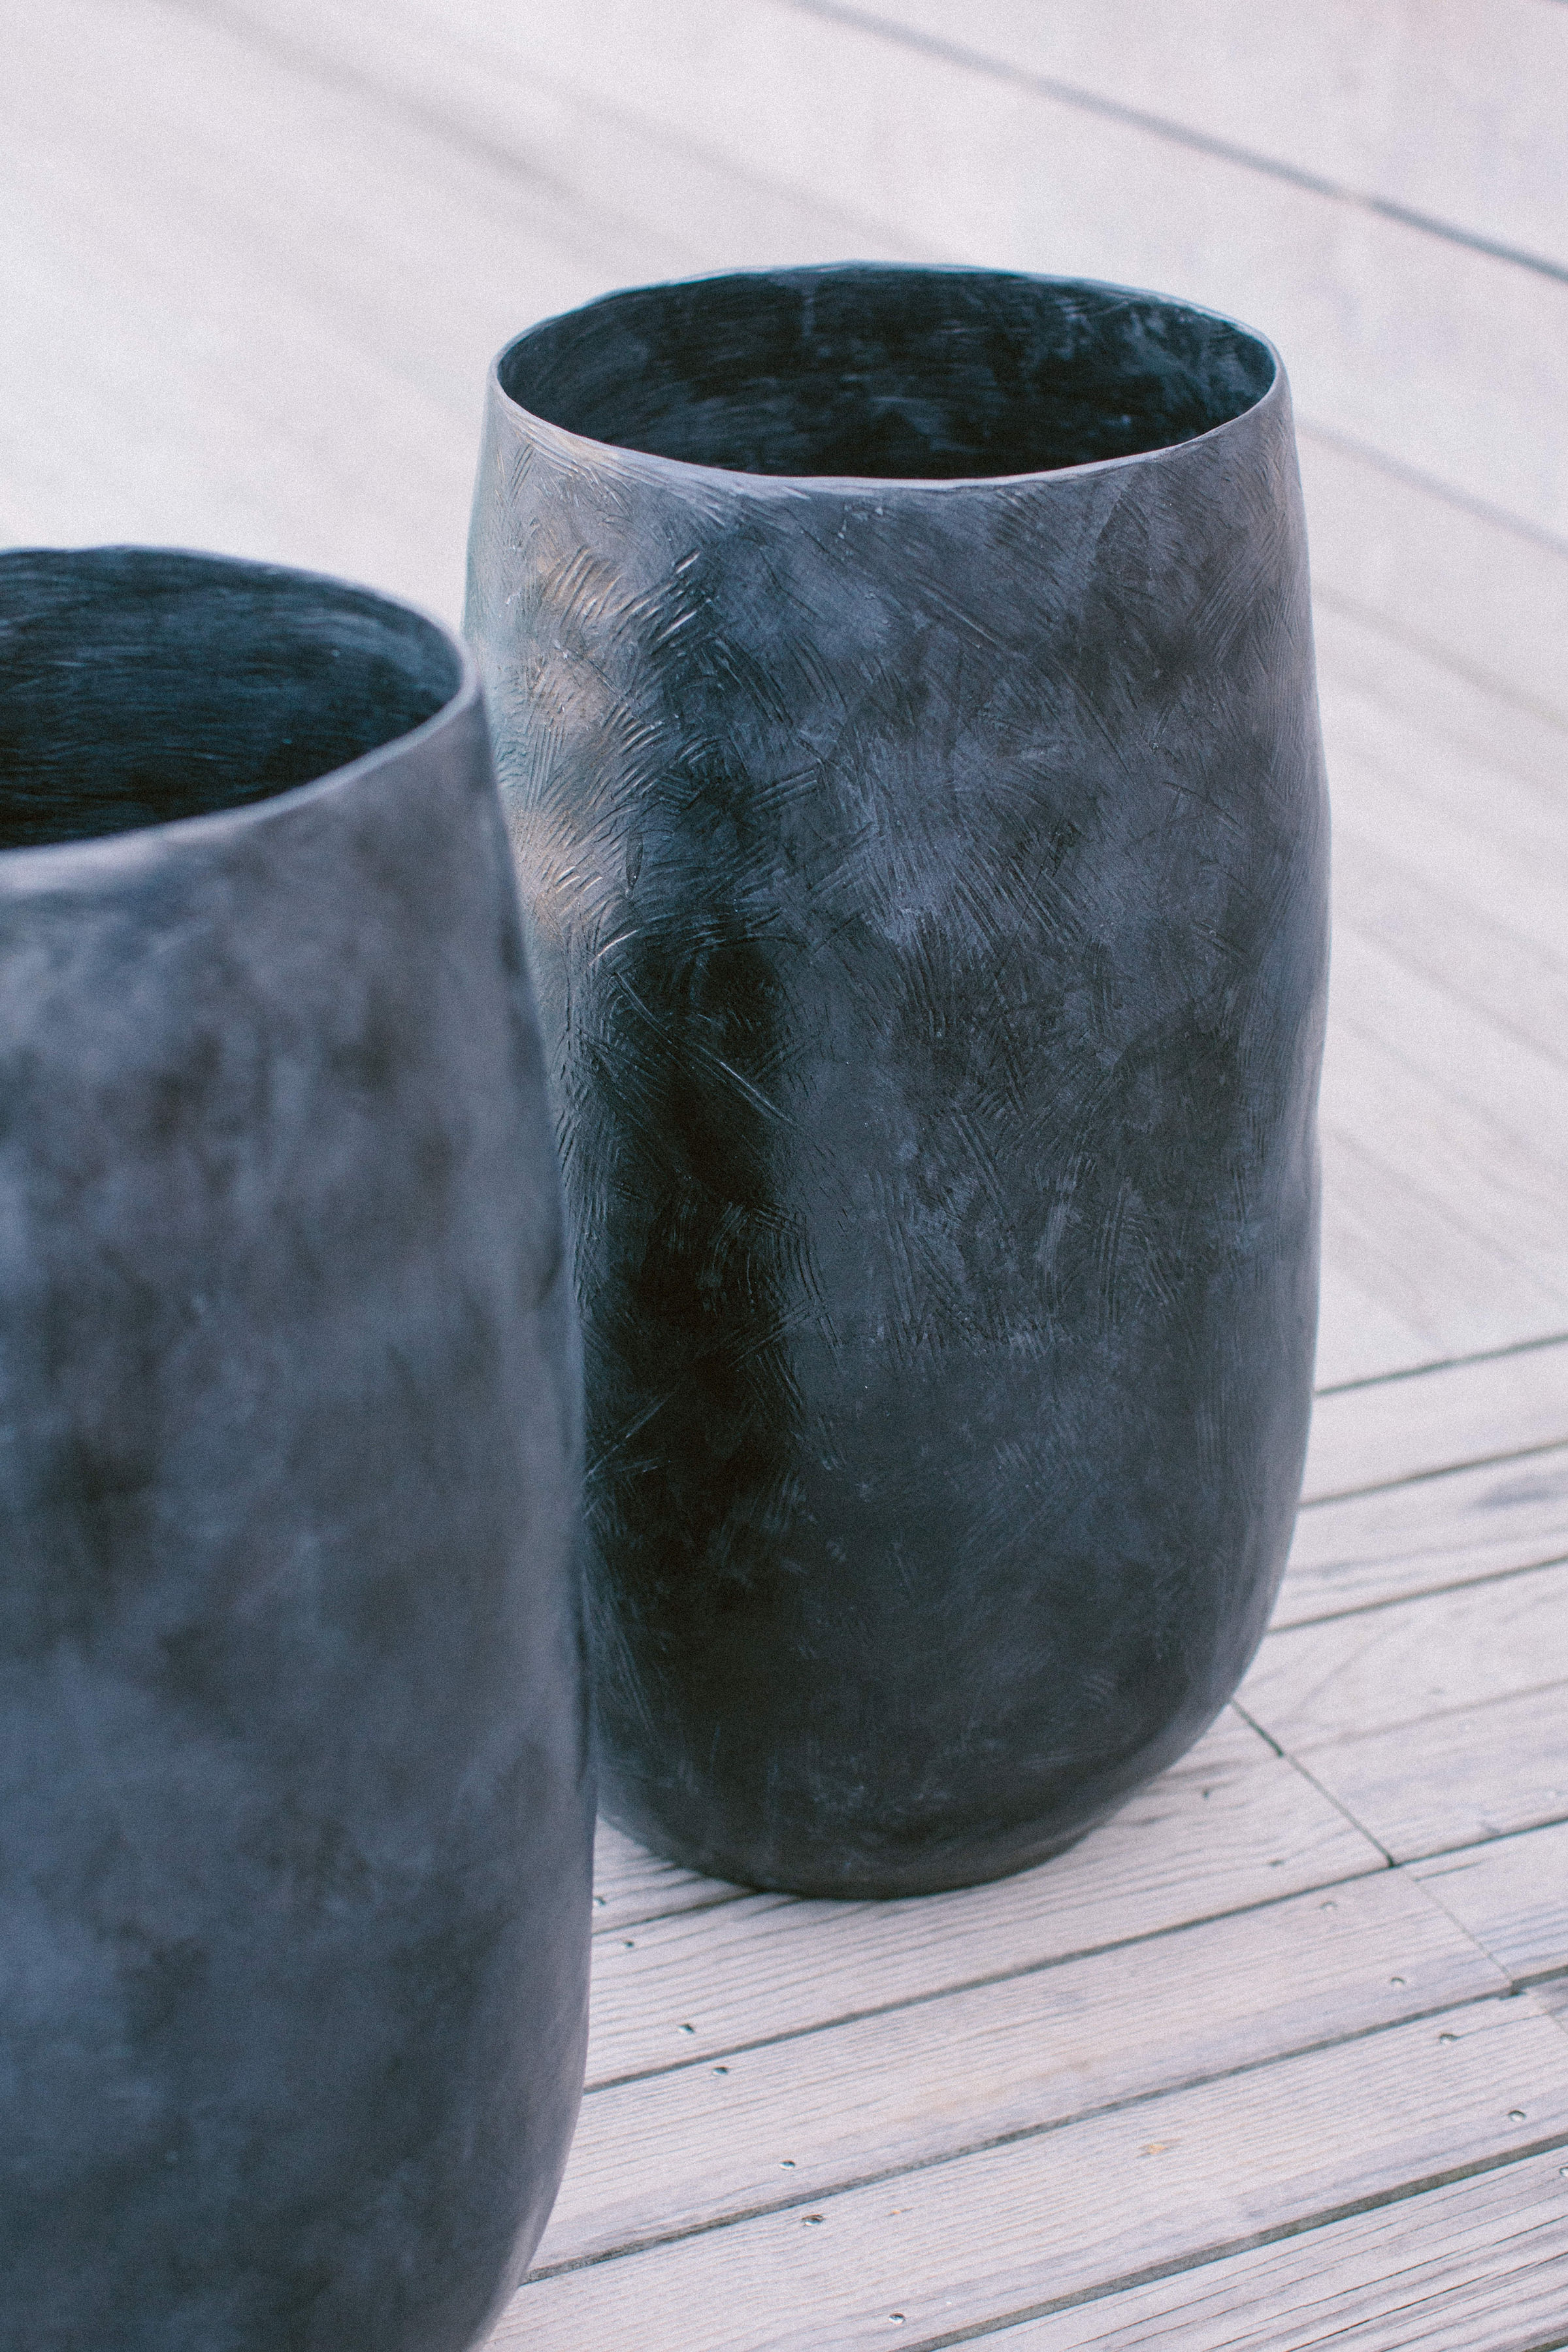 cocoon vase grés émaillé technique colombin design contemporain